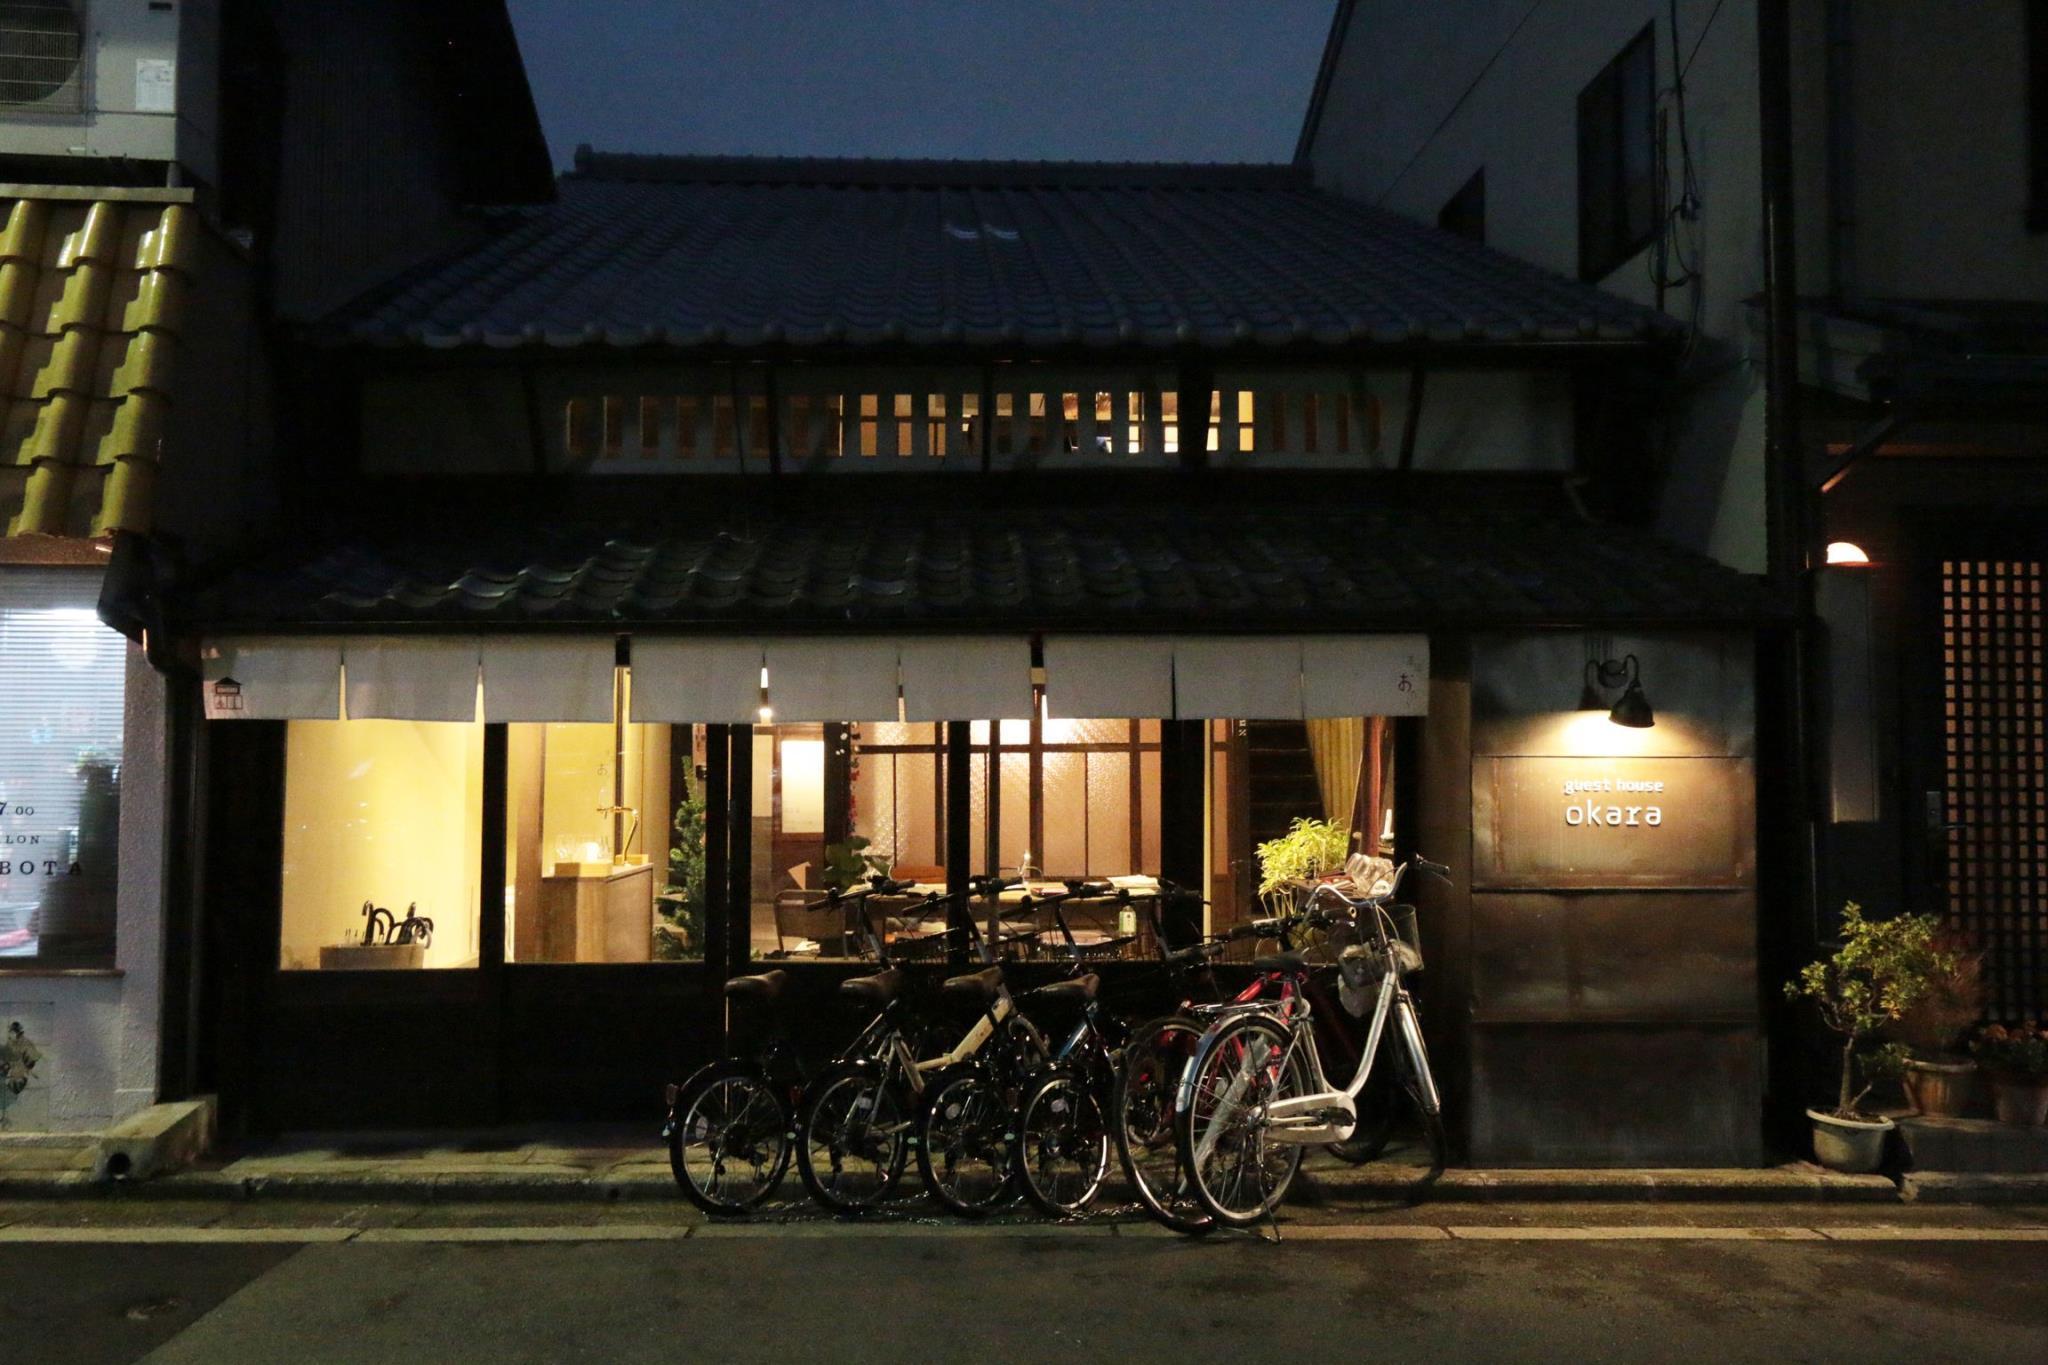 京宿Okara民宿 Kyoyado Okara